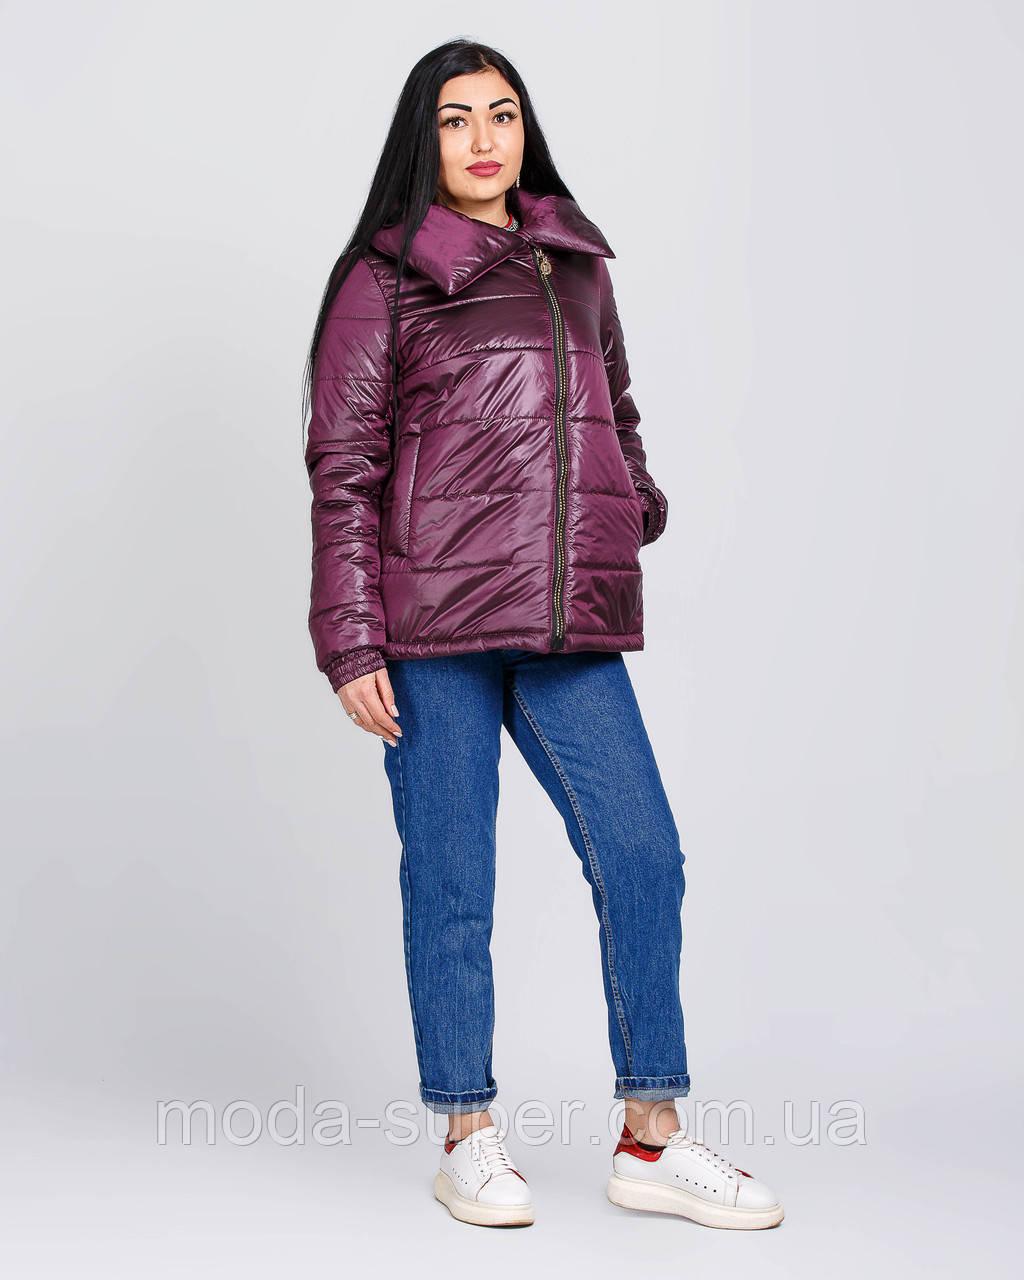 Женская куртка с молнией на косую  рр 42-52